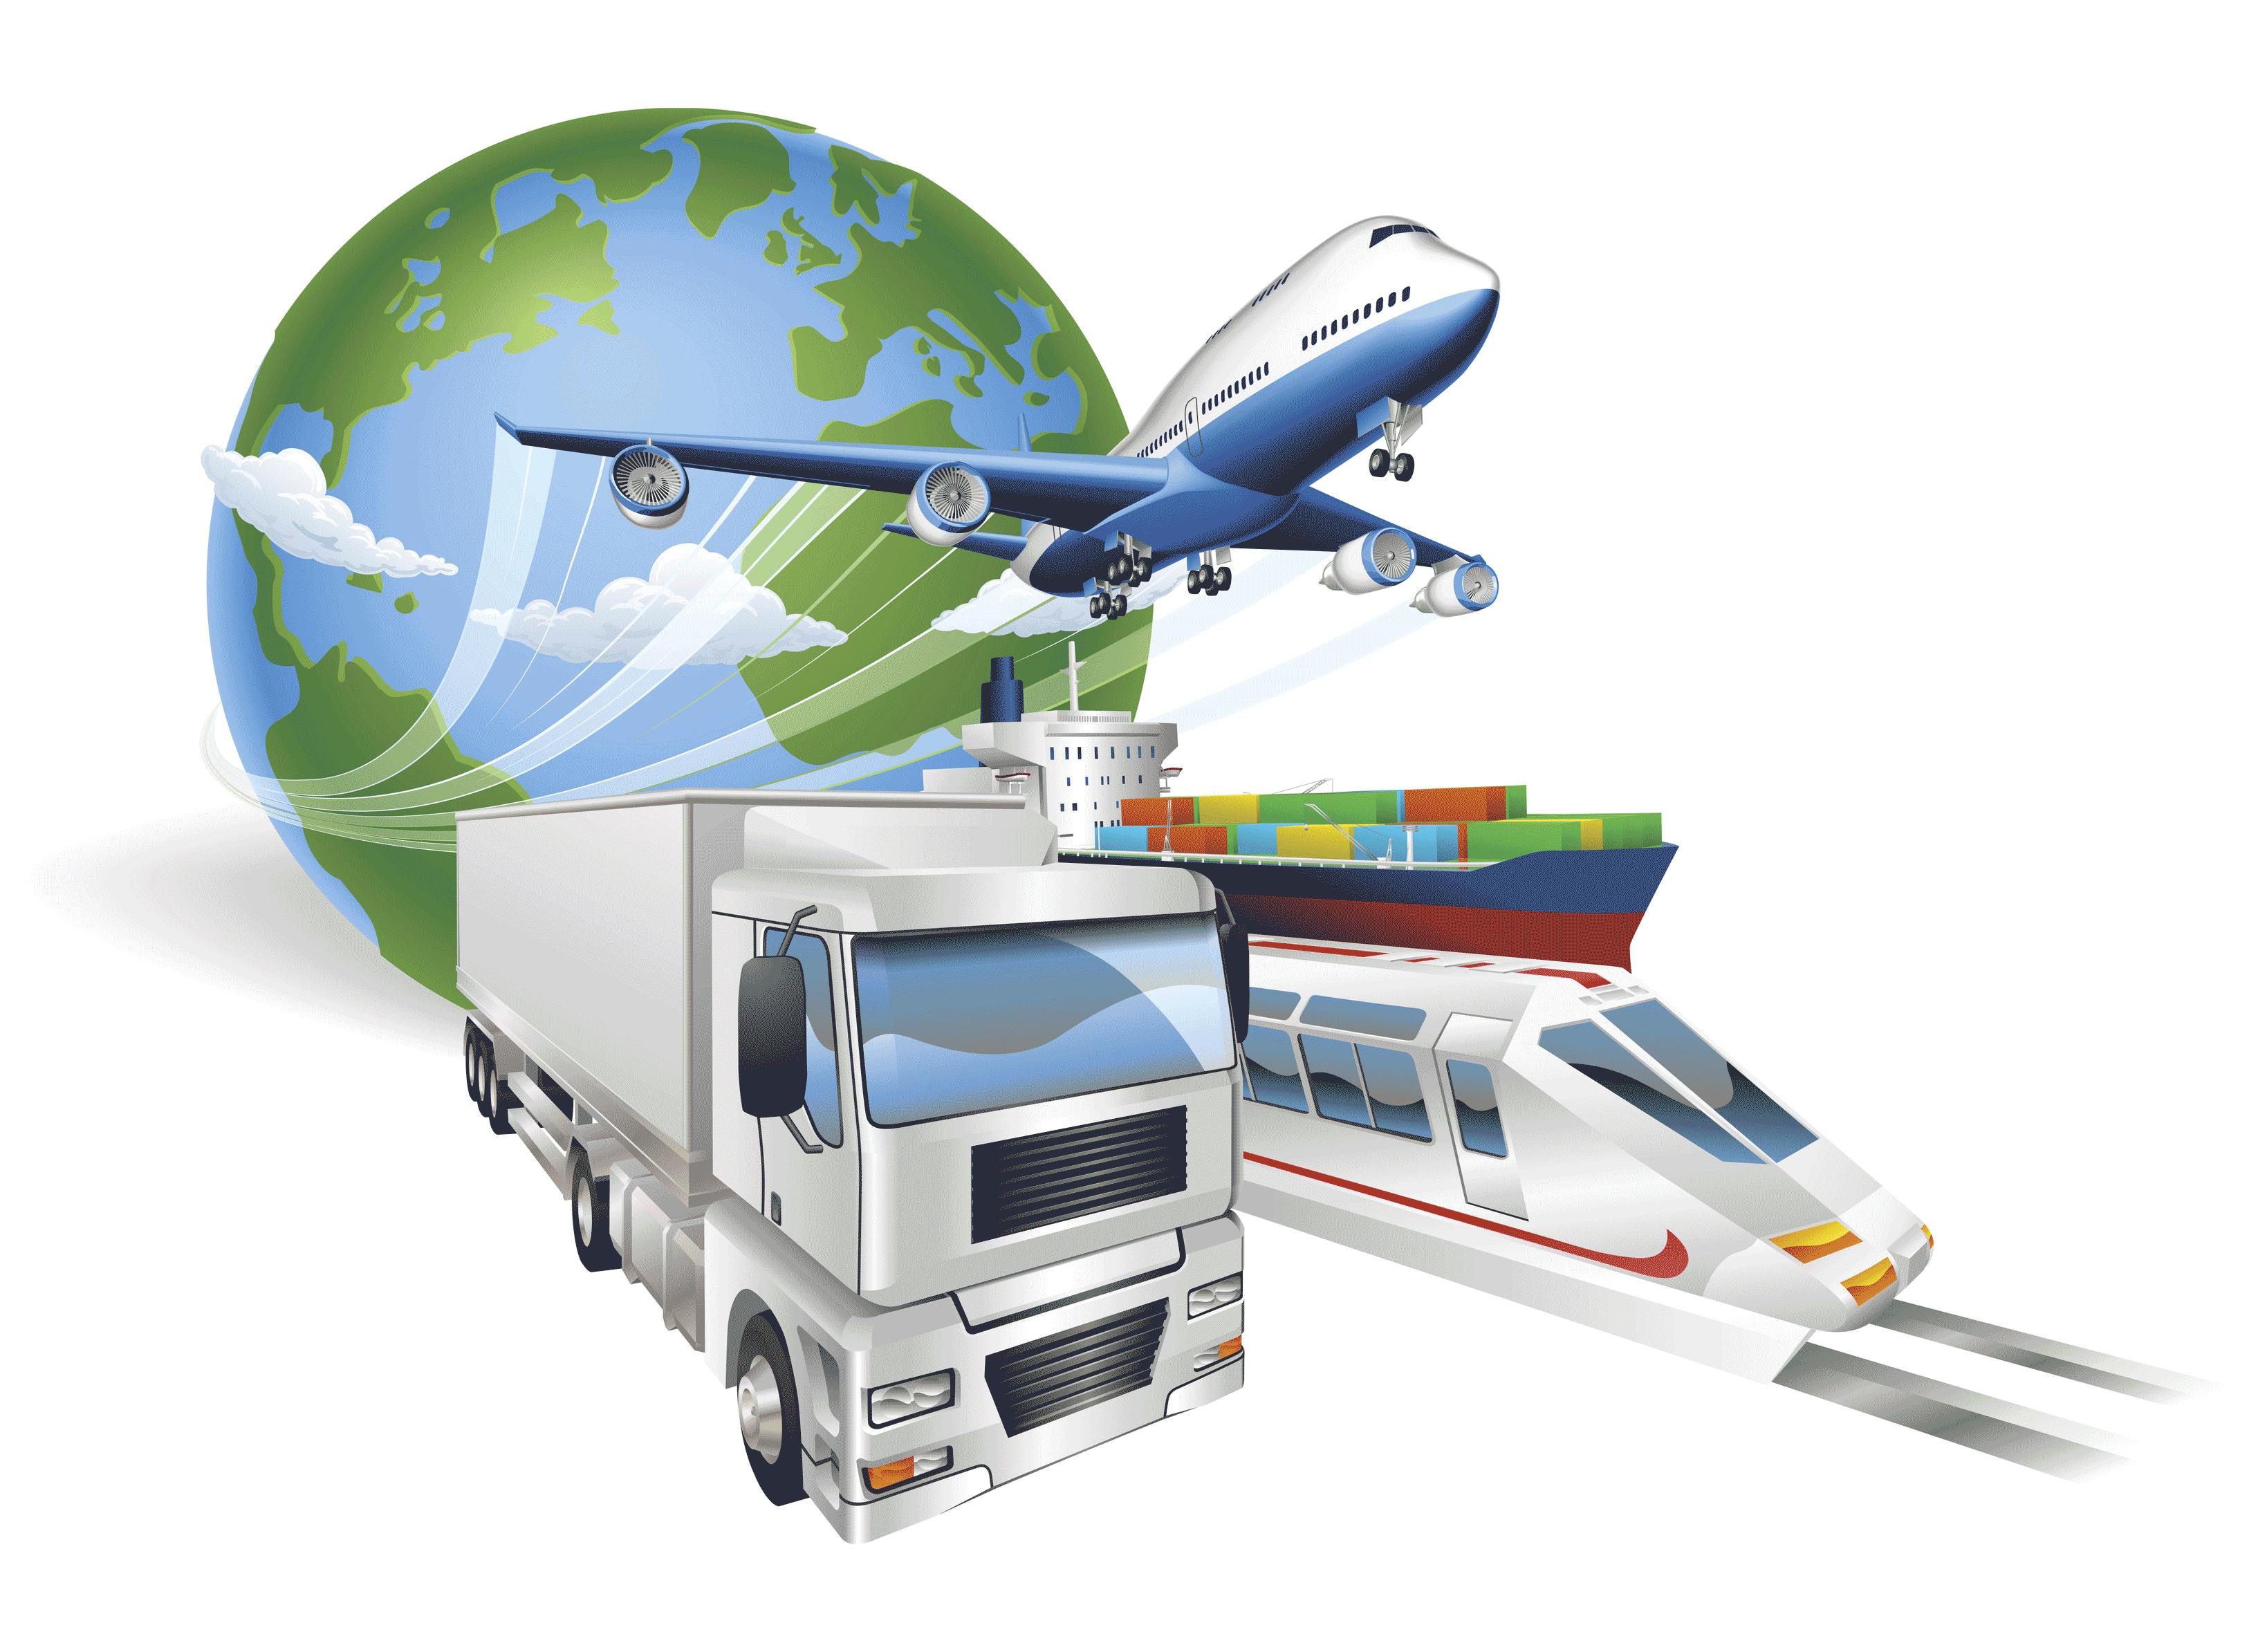 Транспортно-логистические услуги: что может предложить крупная компания